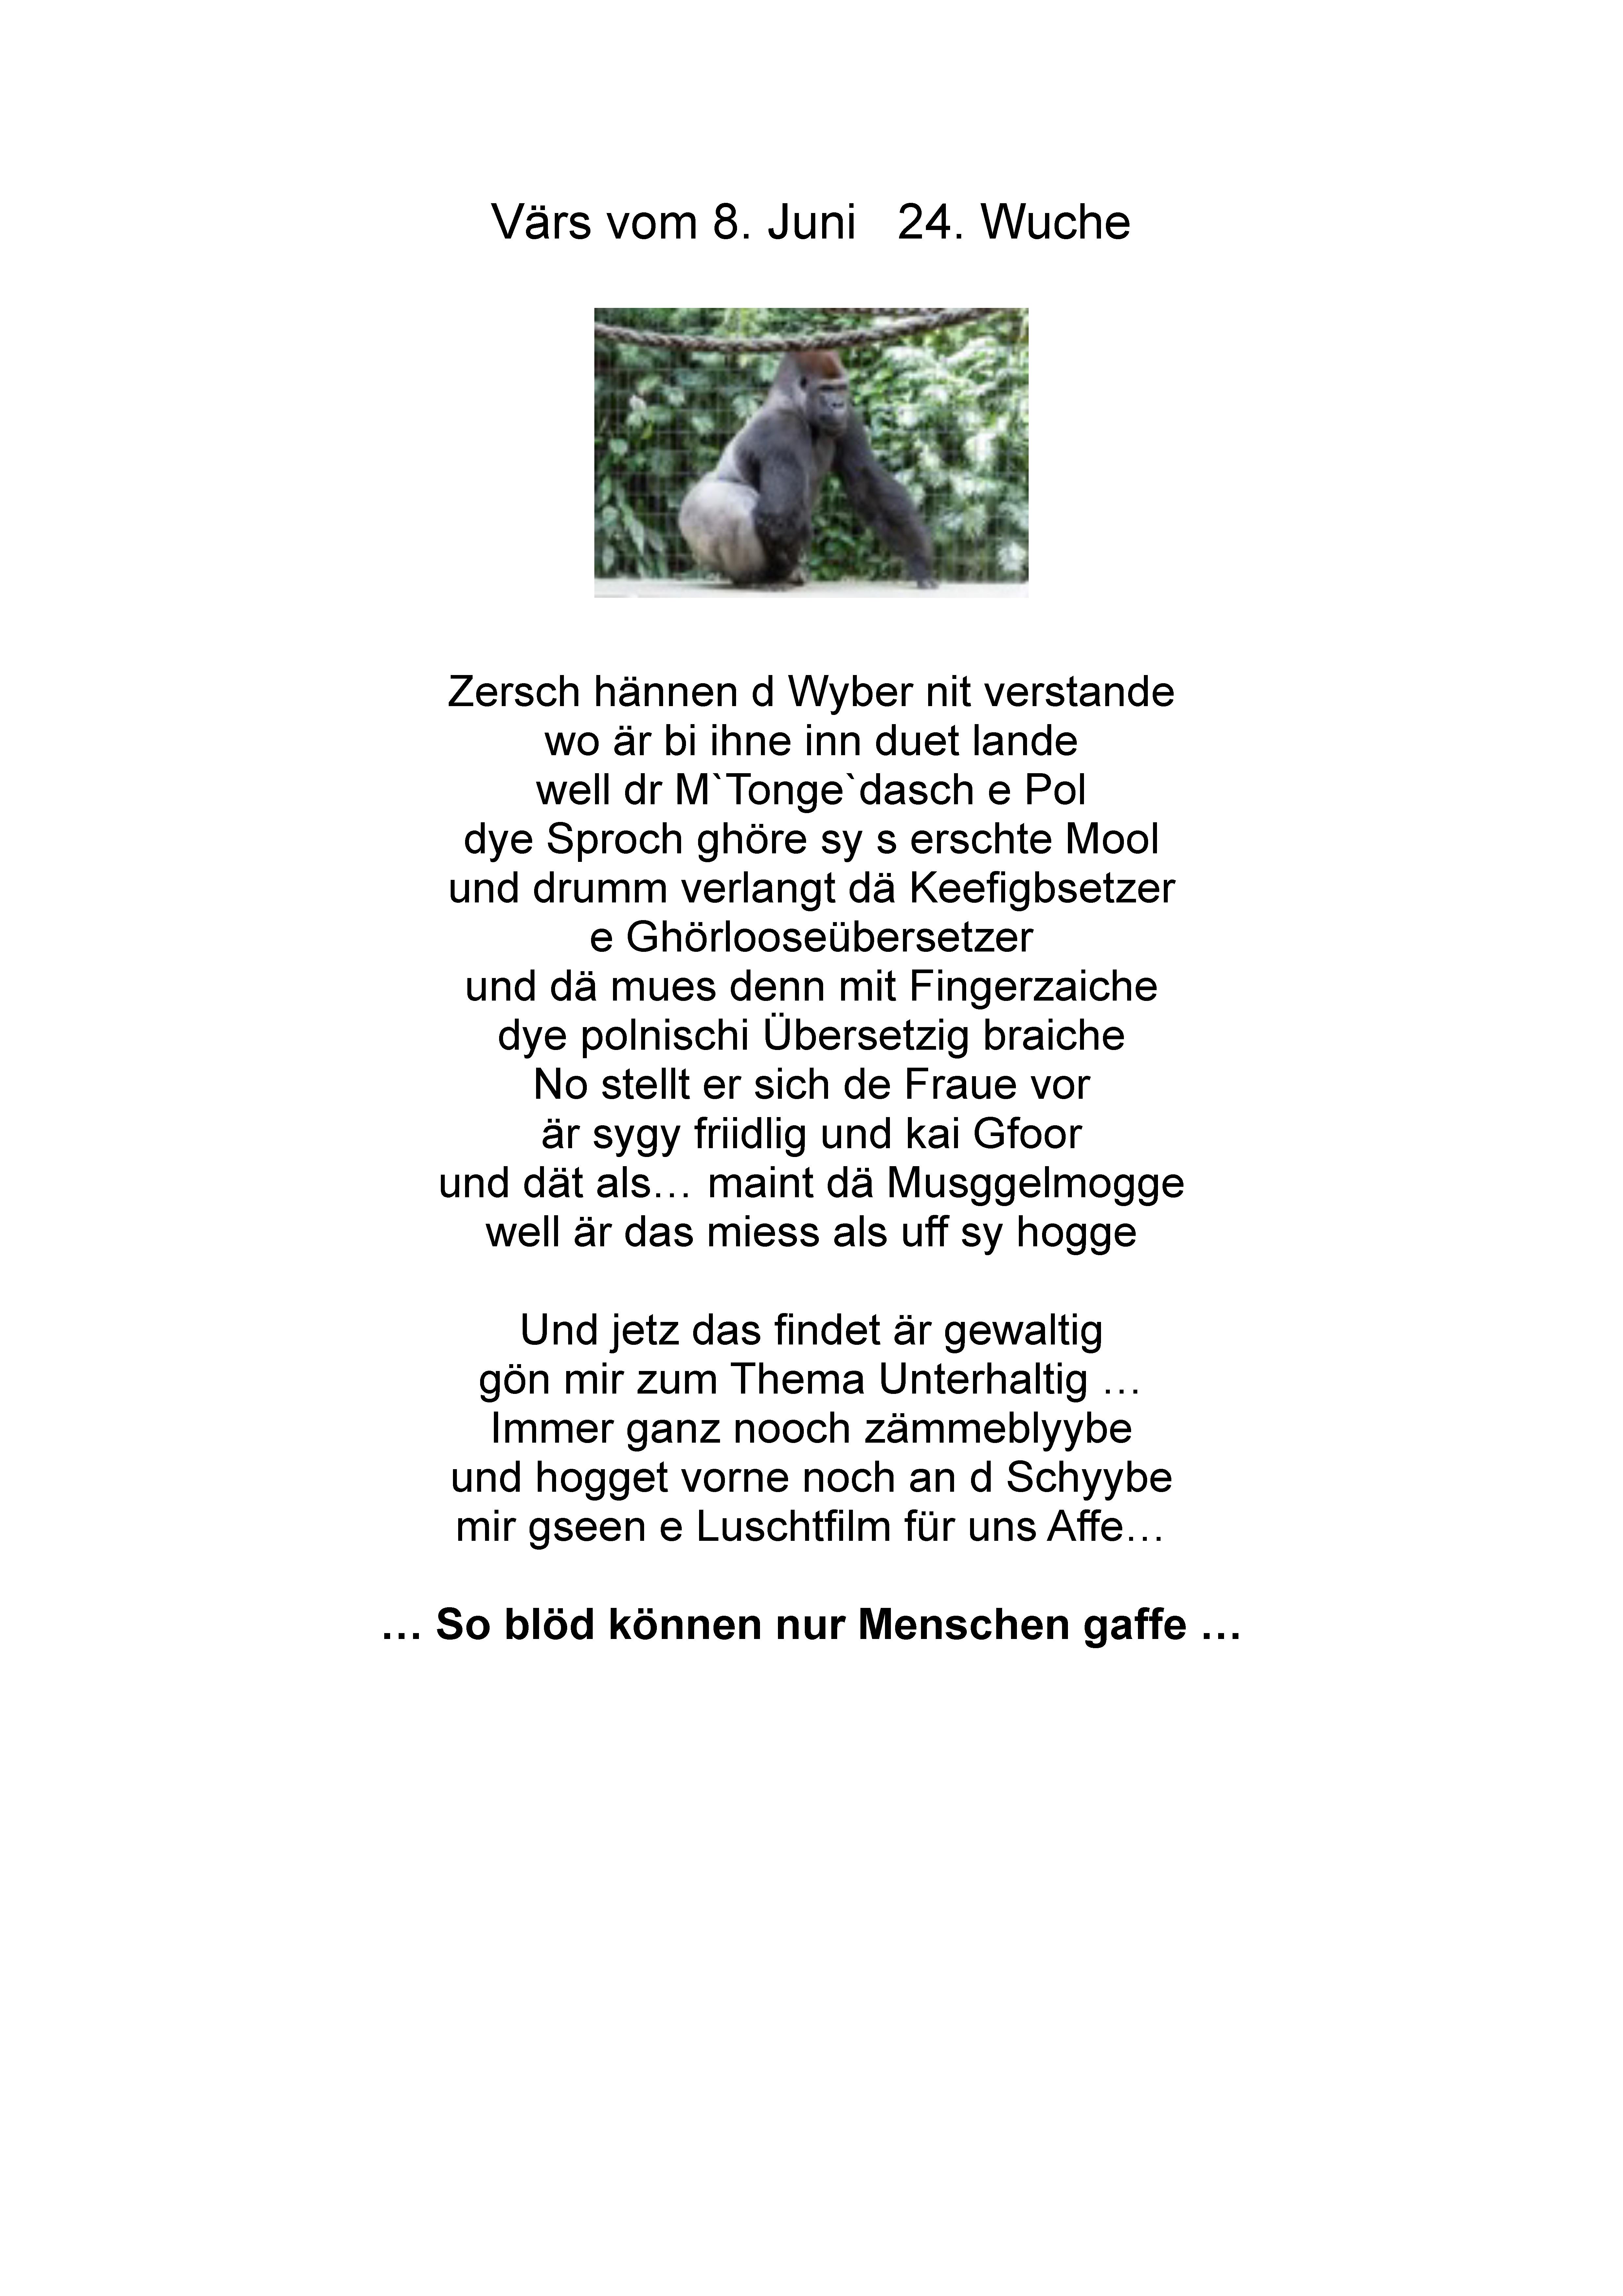 wuchevaers 24